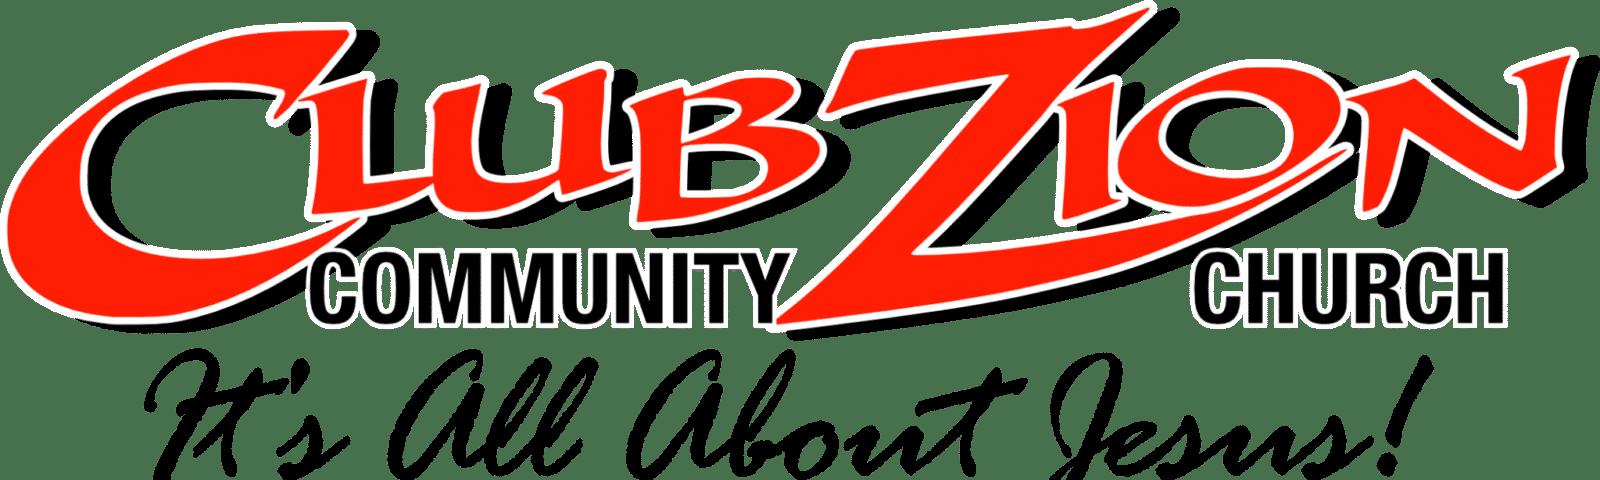 Club Zion Community Church